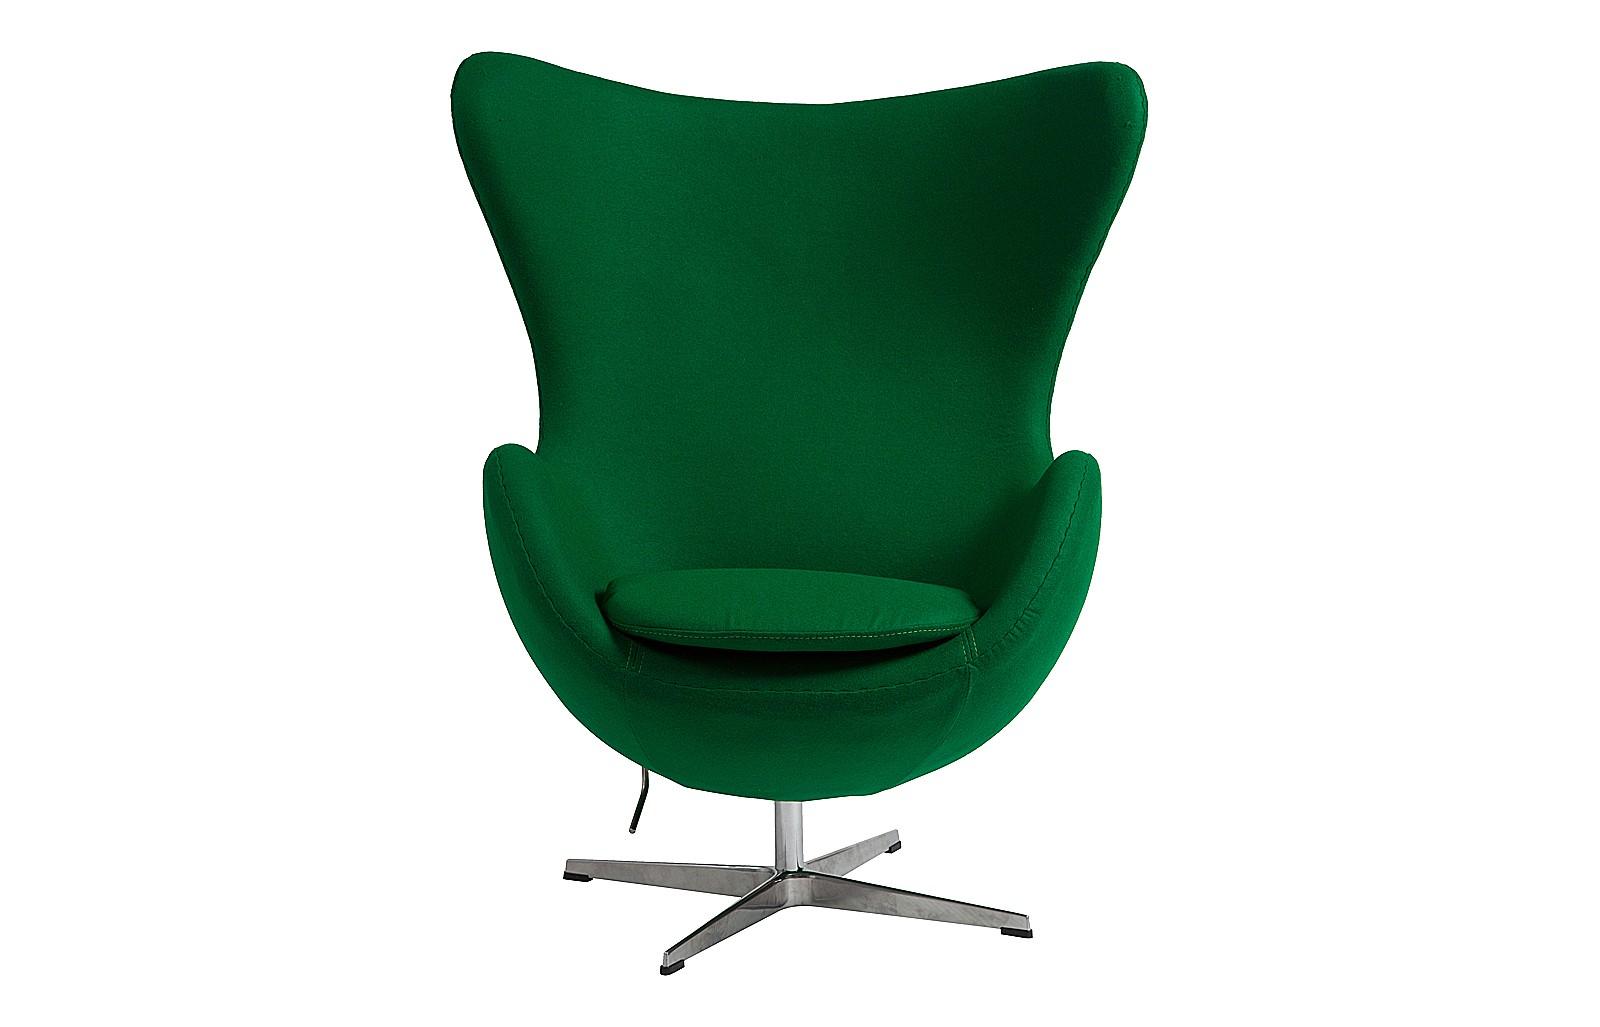 Кресло Egg ChairКресла с высокой спинкой<br>Легендарное кресло в форме яйца от Арне Якобсена — концептуальный предмет интерьера и психологически комфортная мебель. Именно в таком кресле хочется максимально расслабиться, приняв удобную позу: откинуться на спинку или навалиться на край кресла, вытянувшись всем телом. Ярко-зеленый цвет добавляют образу харизмы и уверенности в том, что все будет хорошо!<br><br>Material: Кашемир<br>Width см: 76<br>Depth см: 82<br>Height см: 105